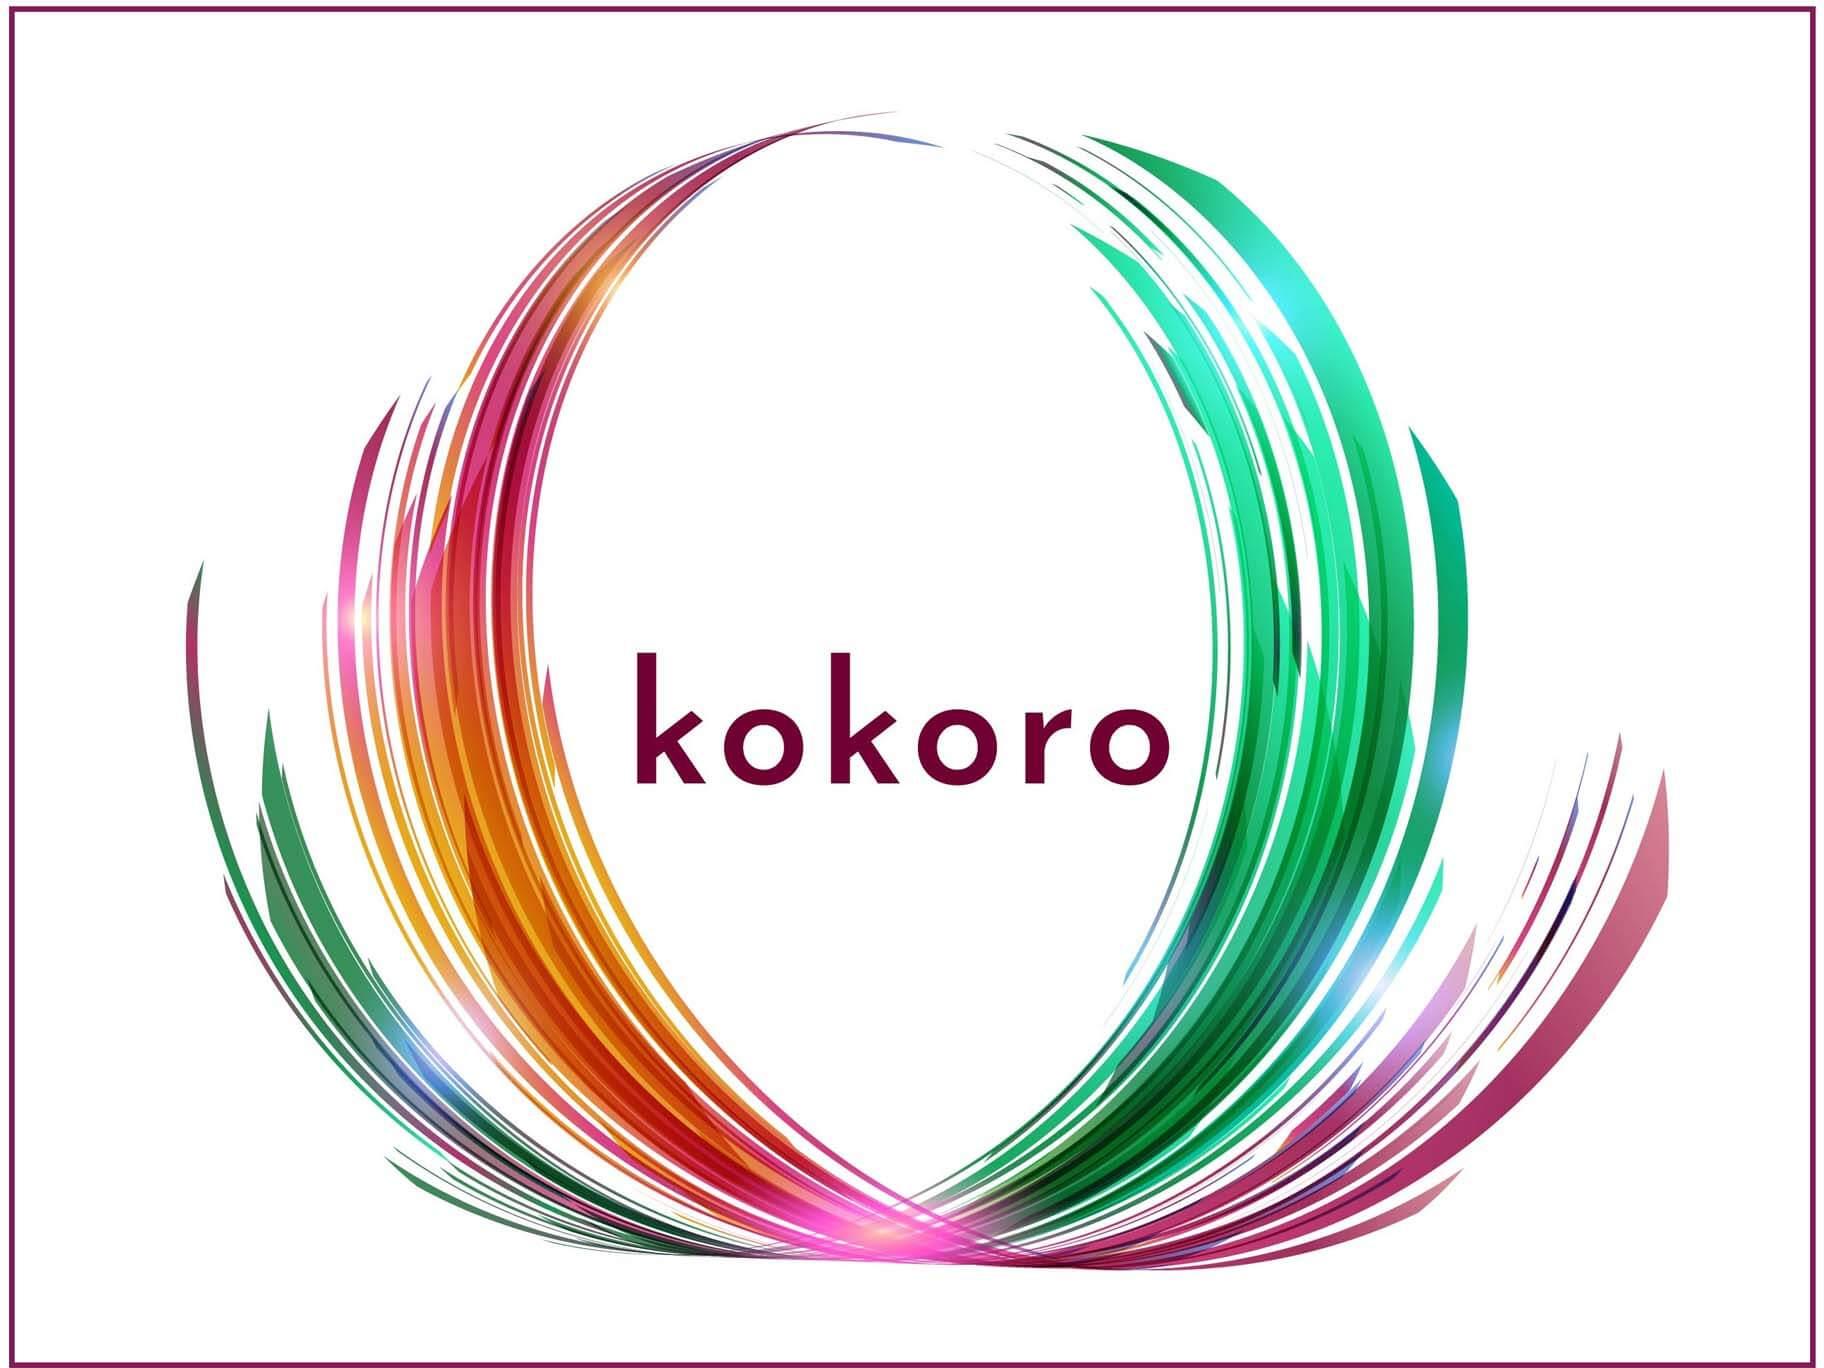 logo kokoro